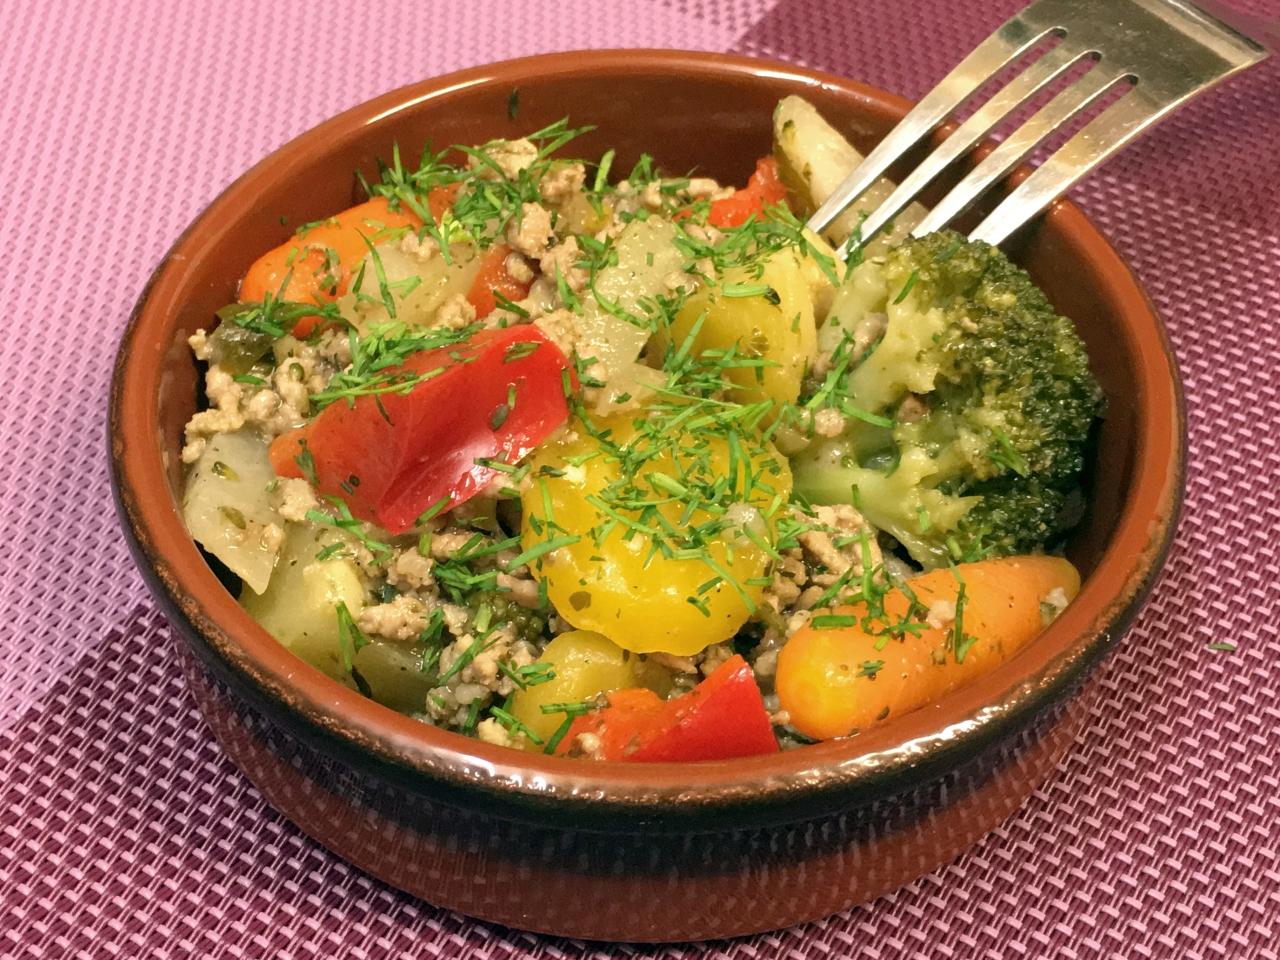 Bauerngemüse или Овощи по-крестьянски